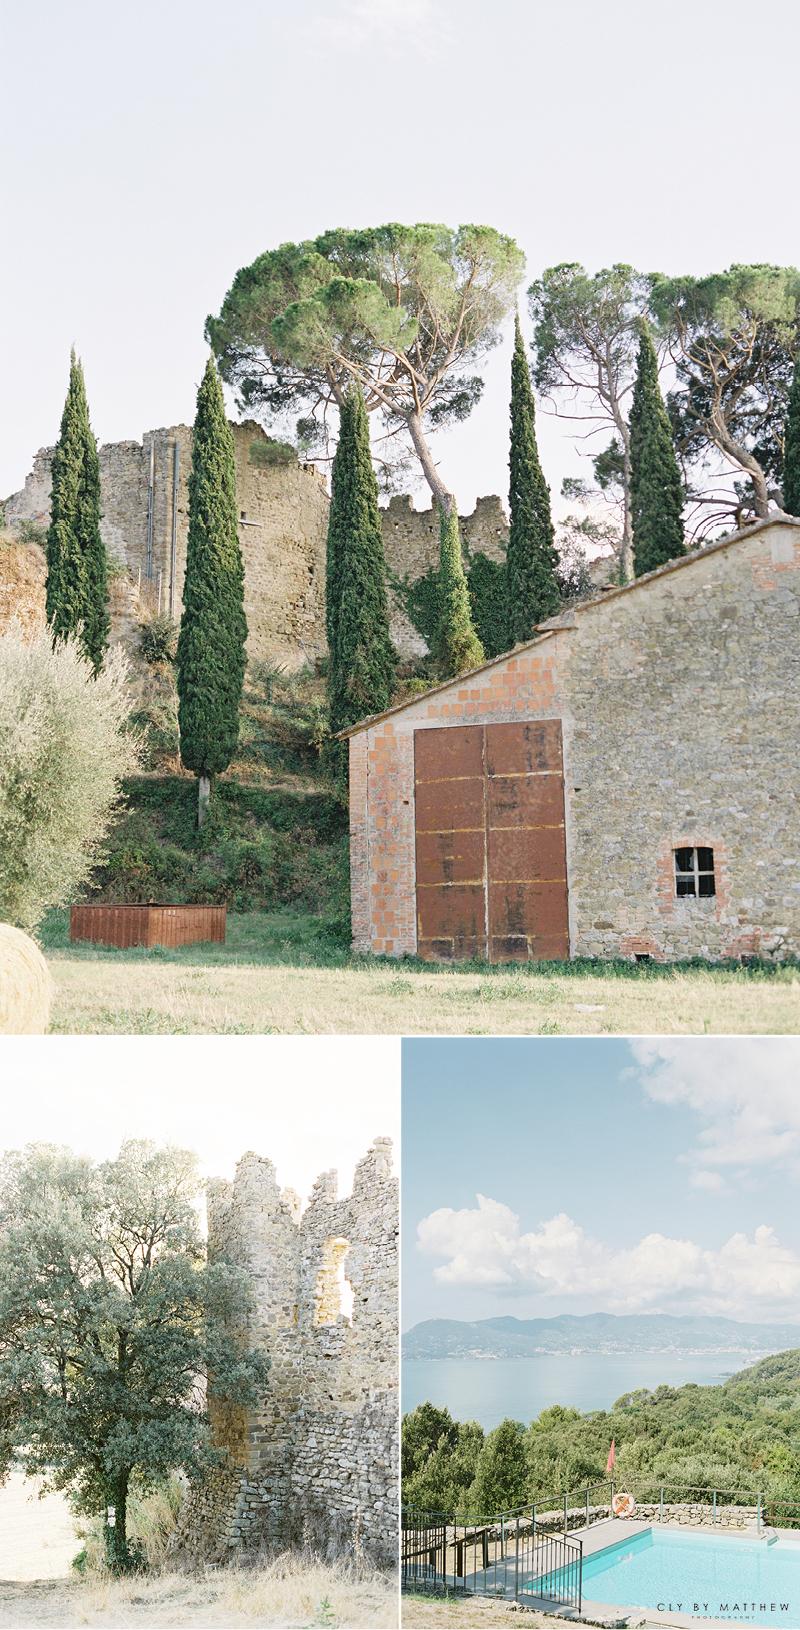 CLYBYMATTHEW_Italy 002.jpg